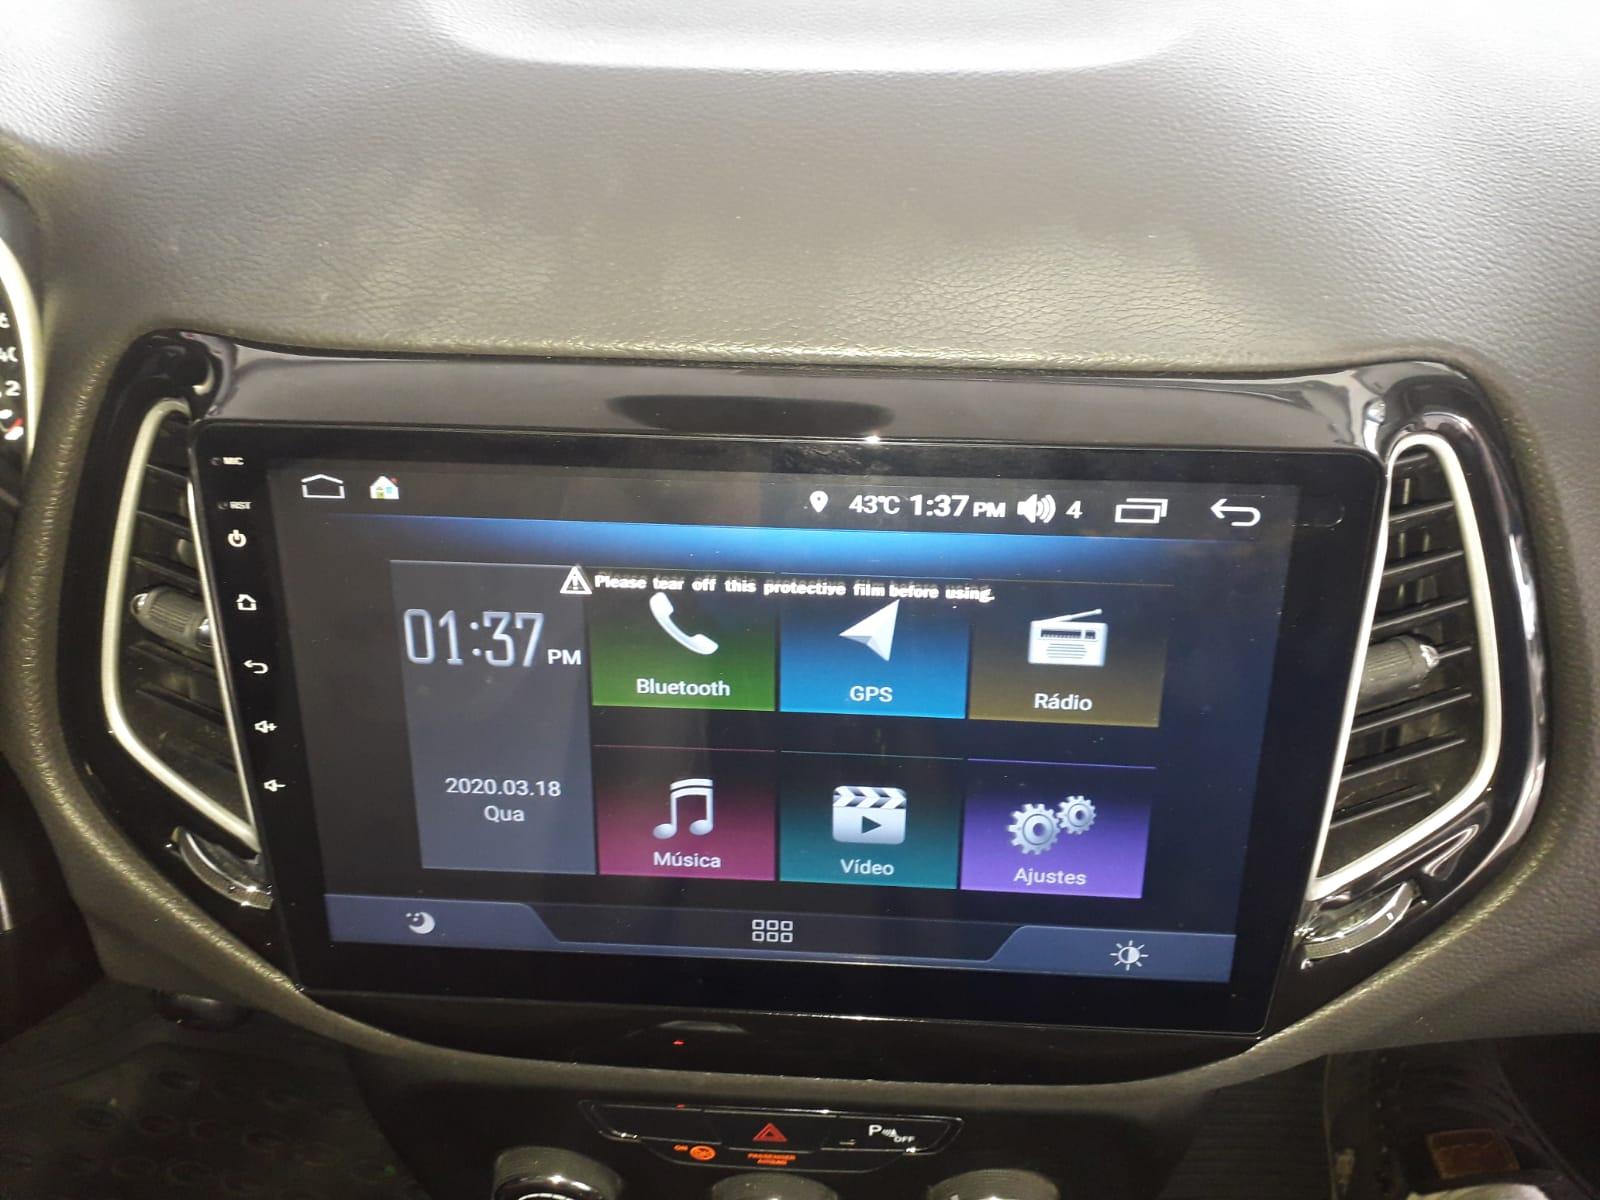 Central Multimidia Jeep Compass 2017/2019 -  Aikon ATOM X10 - Tela 10 pol - Waze Spotify - 2 cameras Ré + Frontal - TV  Digital - GPS Integrado -  Bluetooth - 2 entradas USB - Android 8